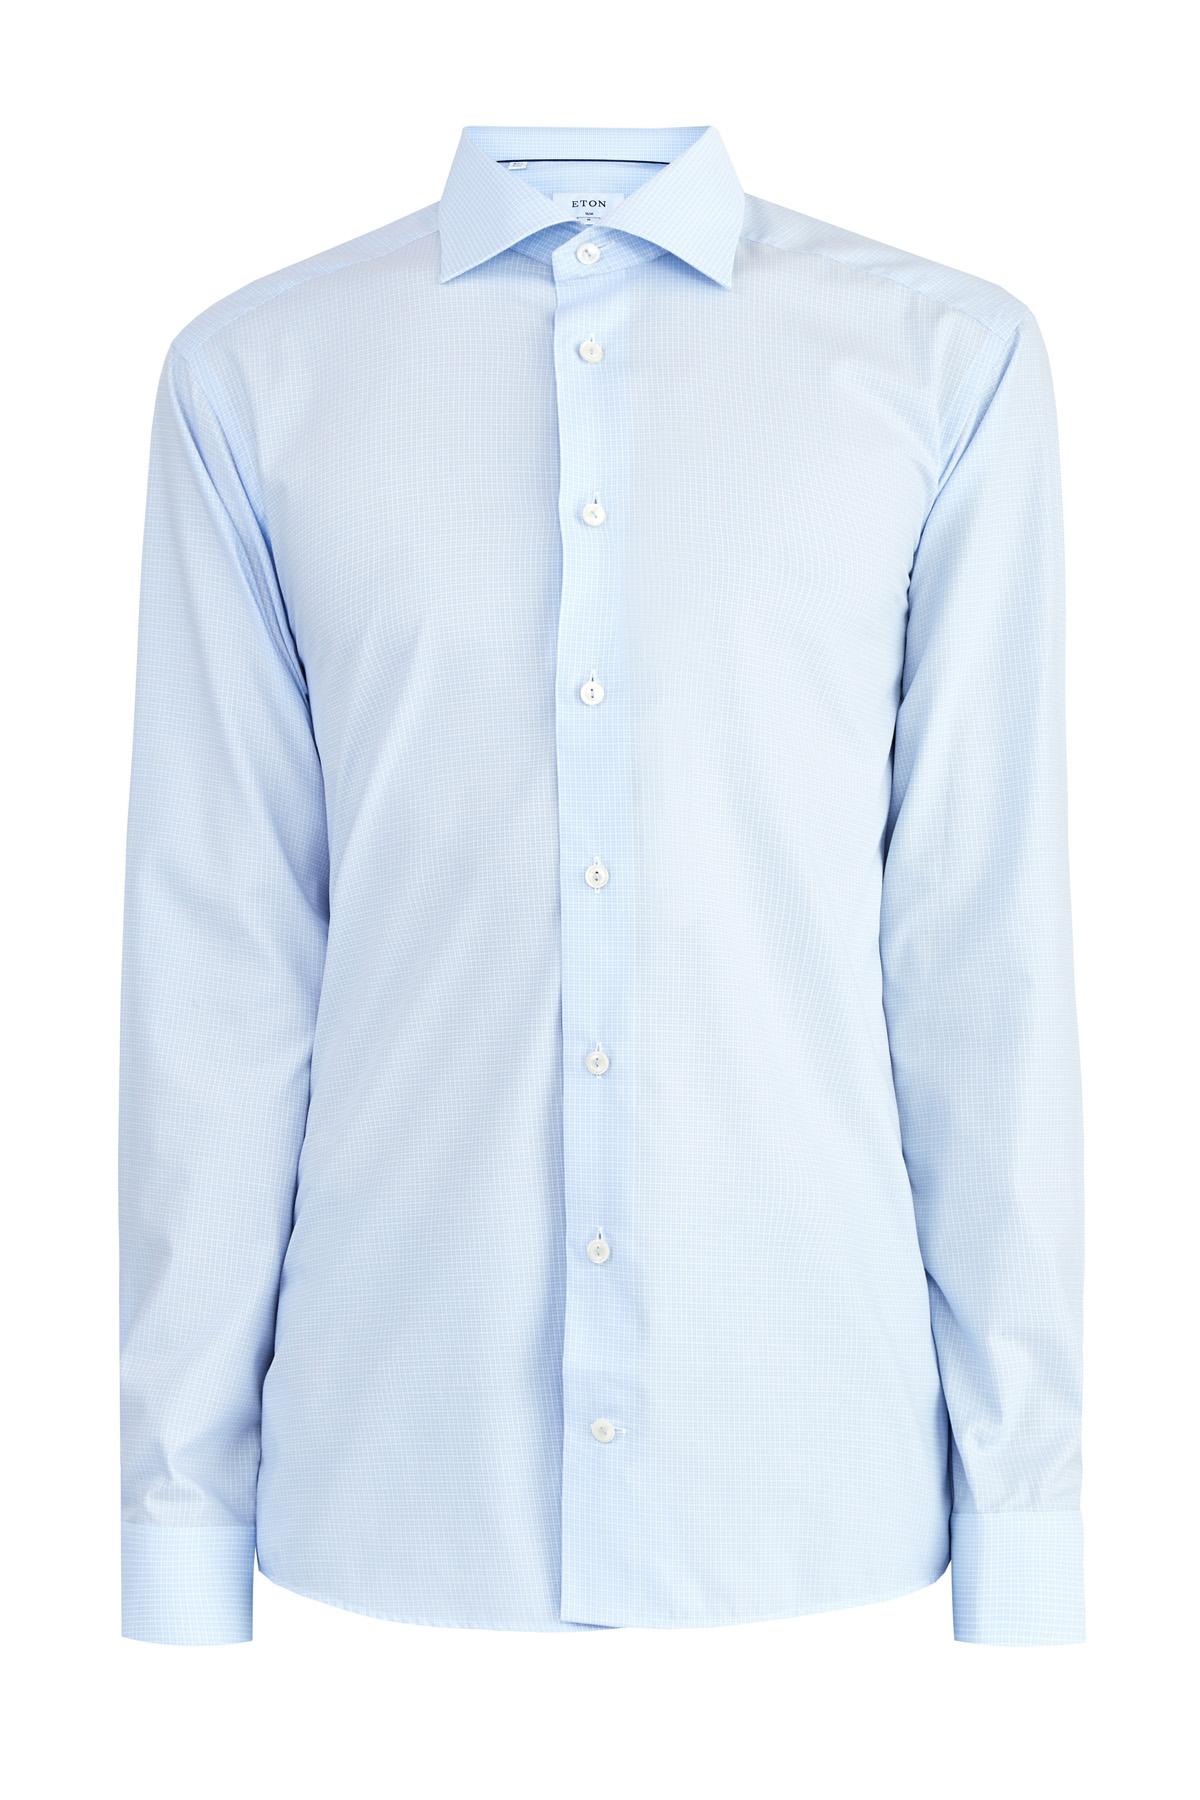 Рубашка Slim Fit из хлопка Fine Twill с микро-принтом в клетку